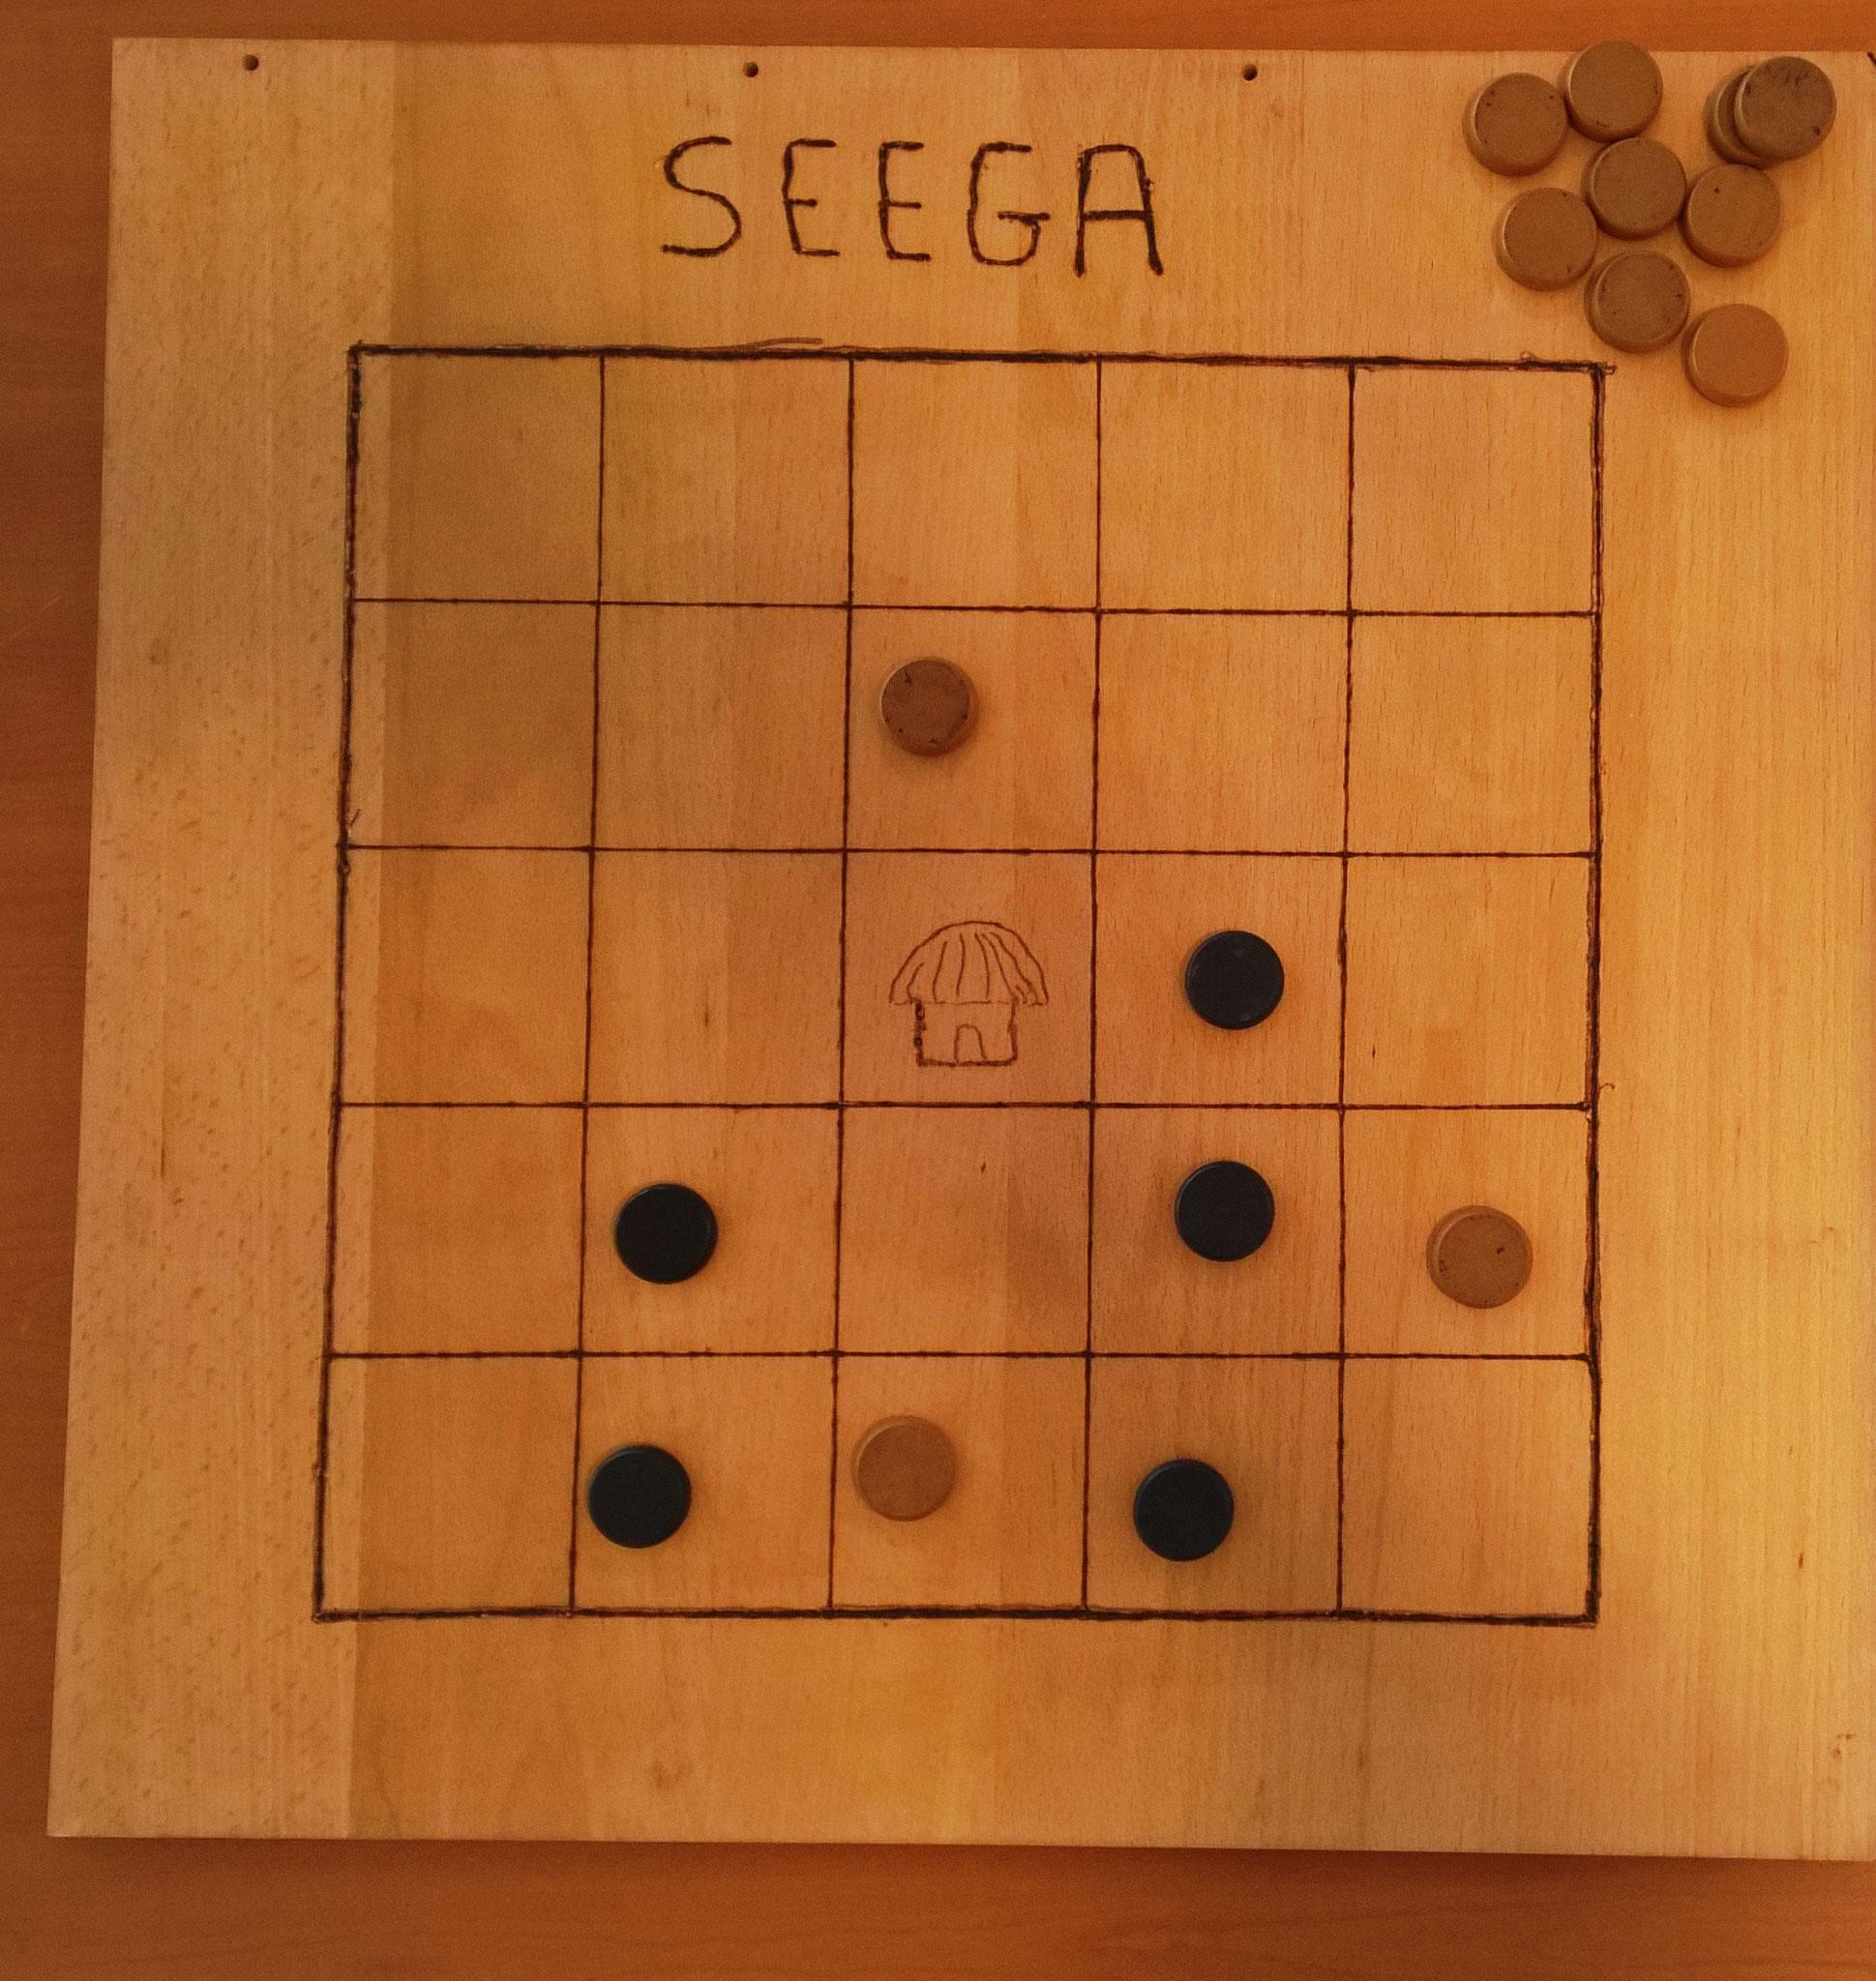 jeu de capture par encadrement, le Seega originaire d'Egypte, joué en Somalie